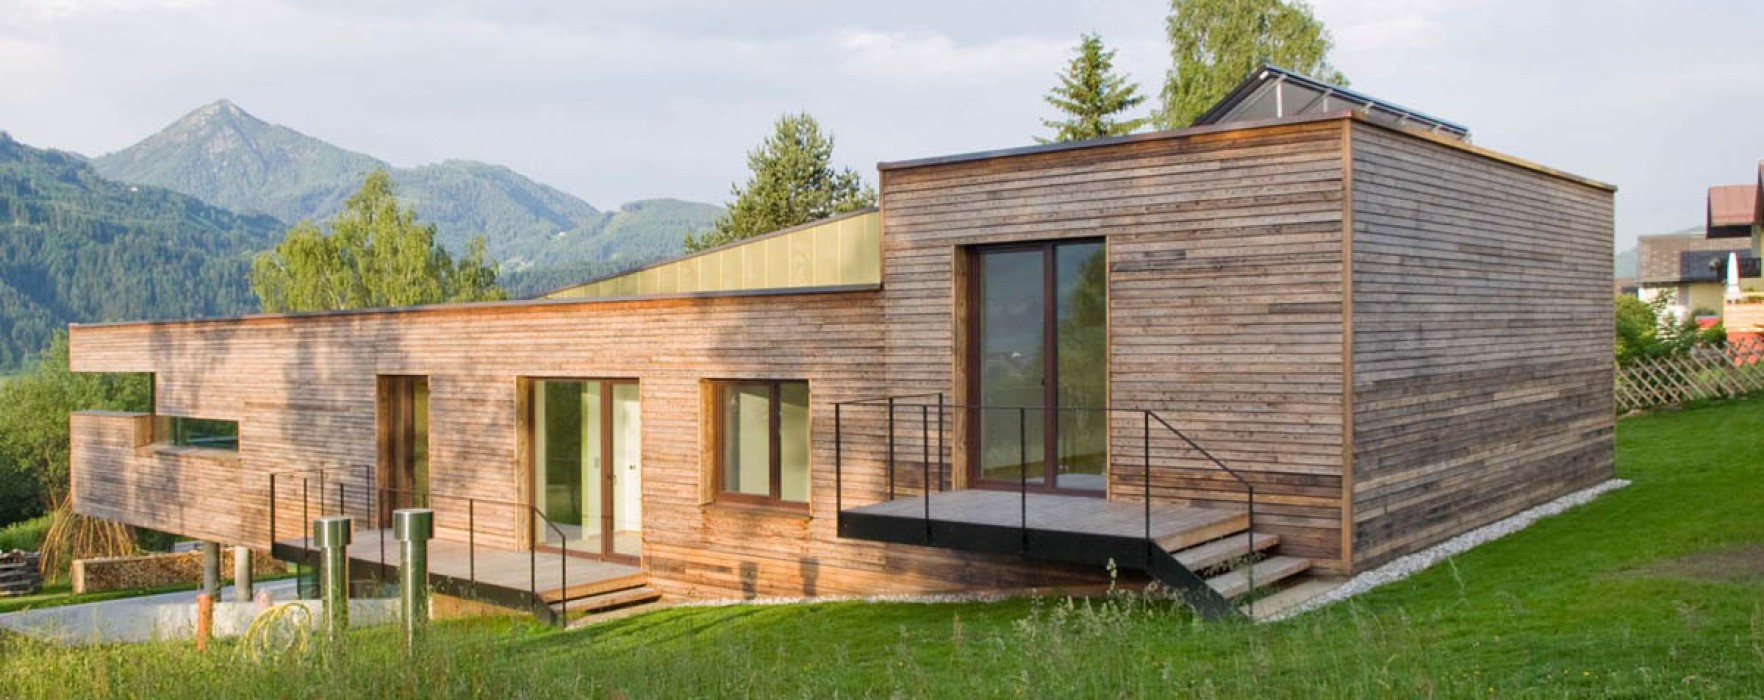 Chiavi in mano a 900 al metro quadro possibile for Casa in legno costo totale